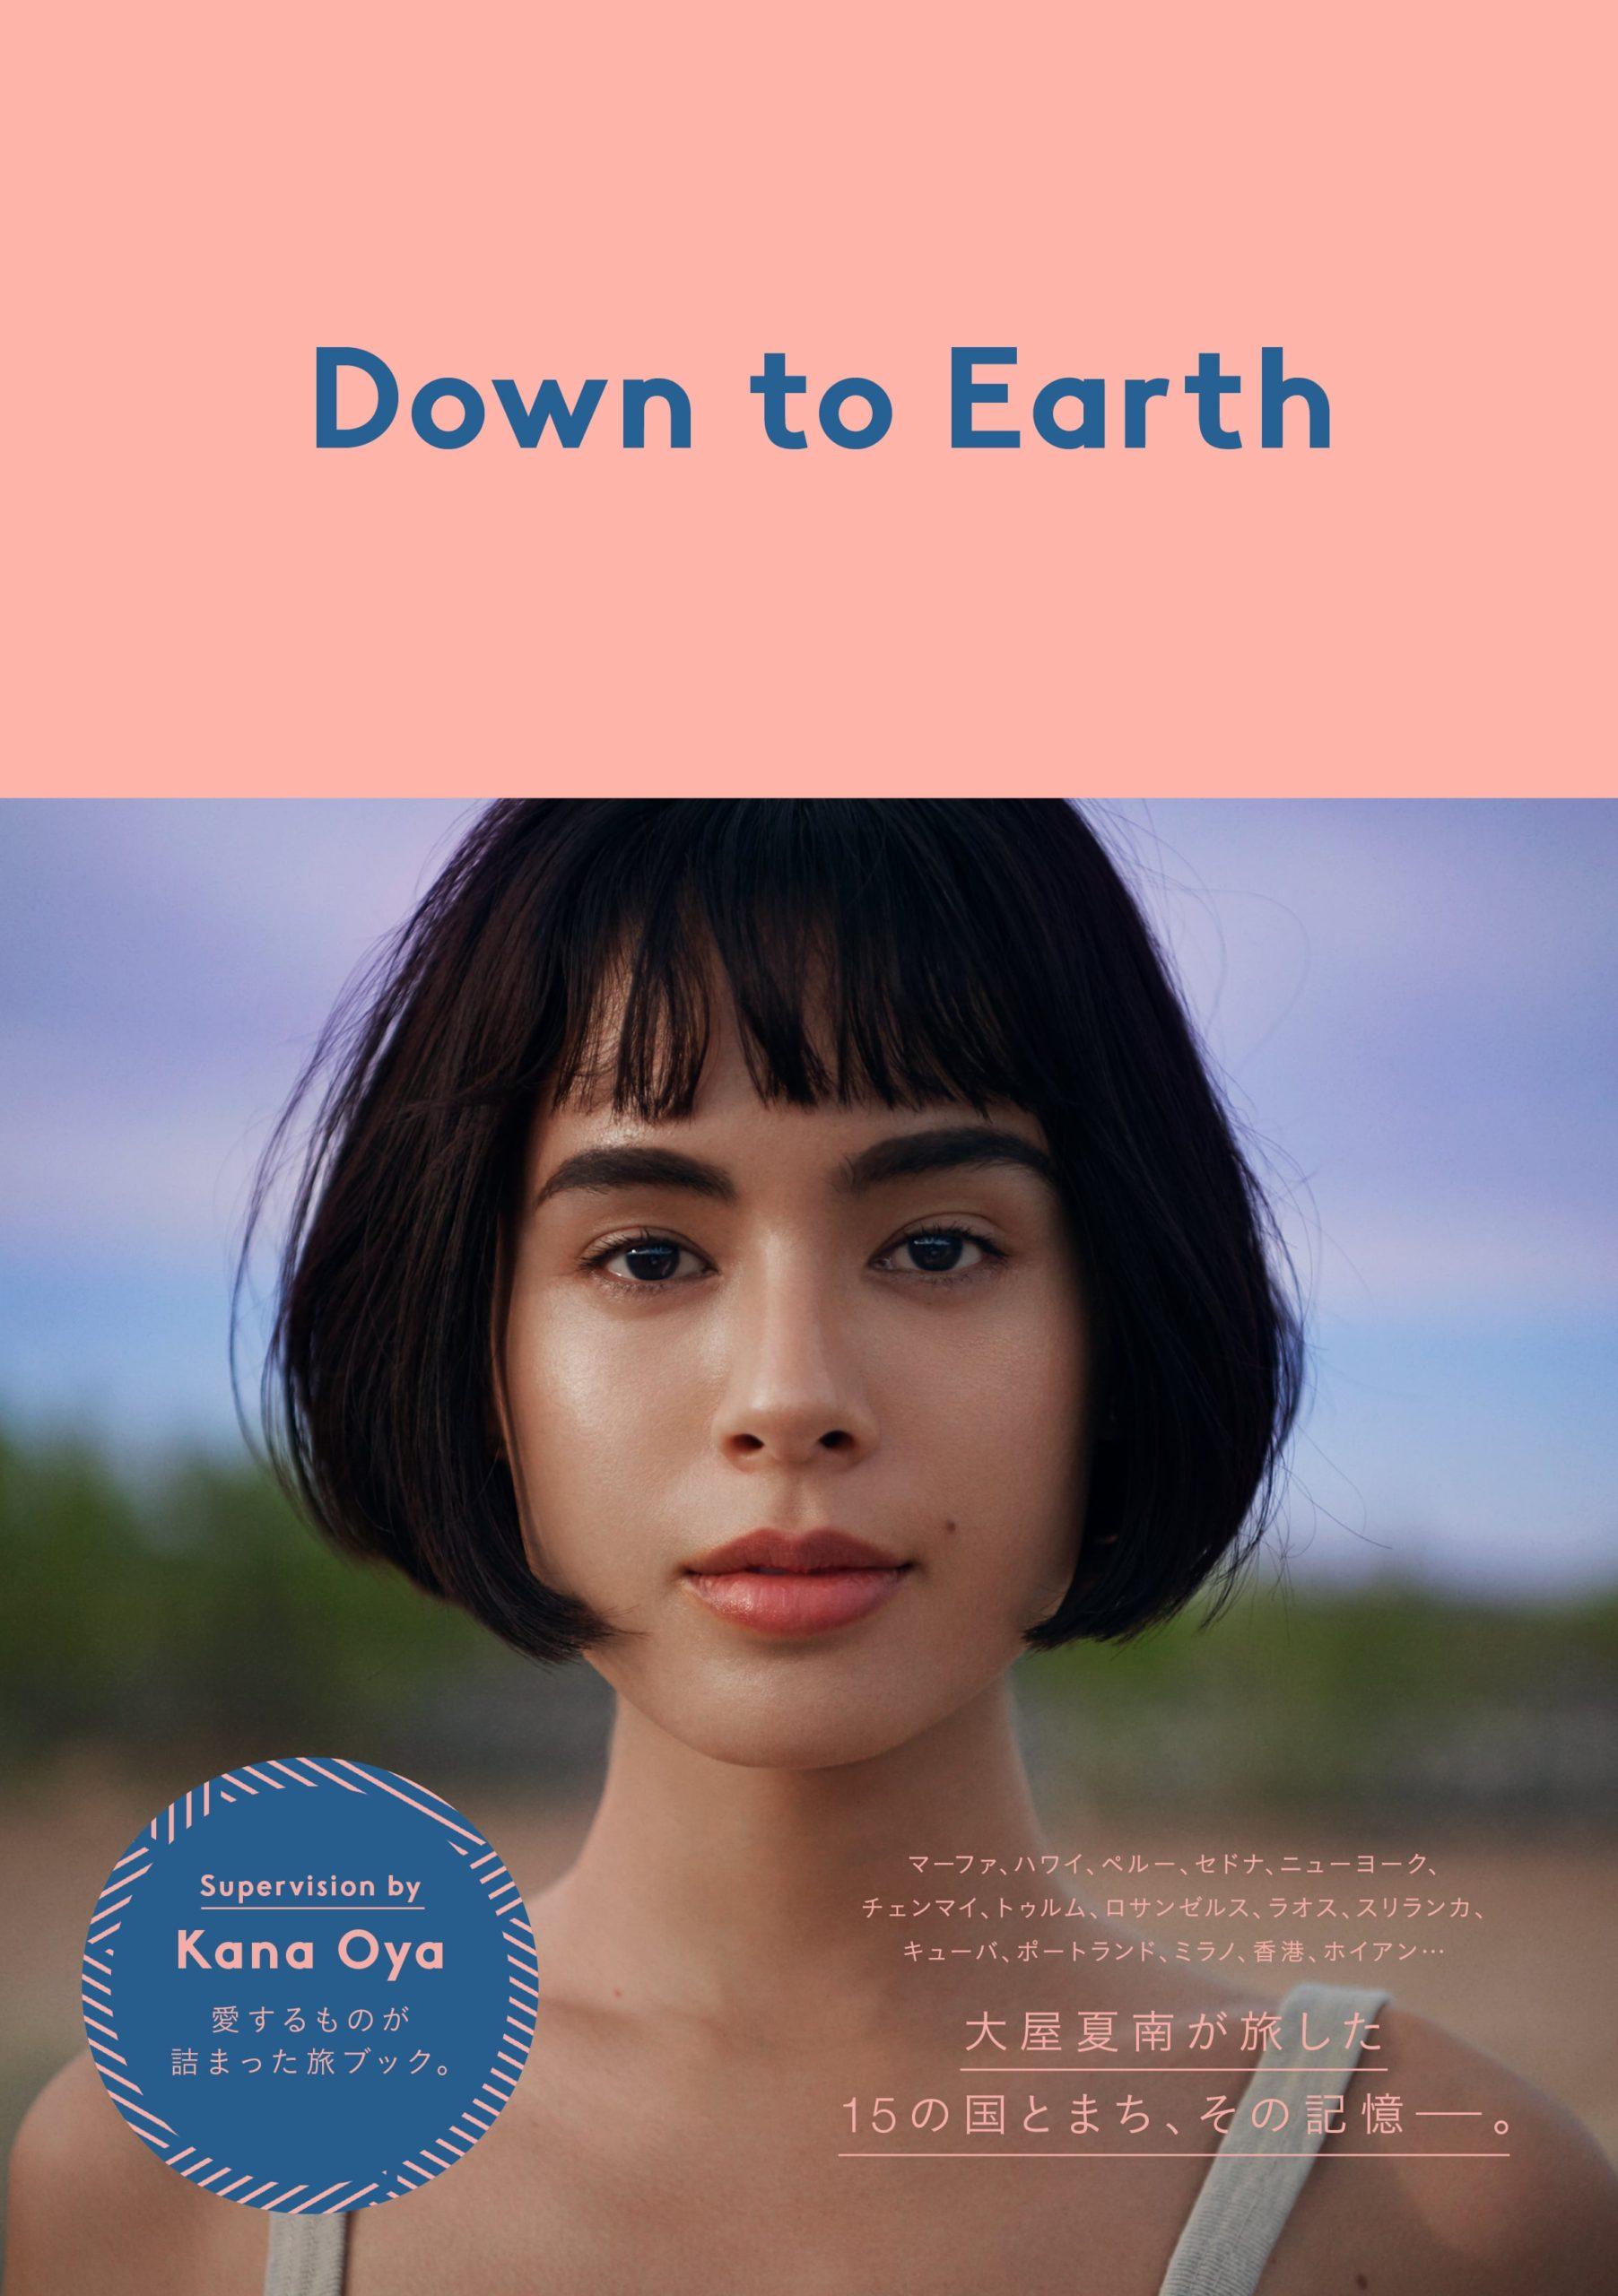 モデル・大屋夏南 初の旅エッセイ&ガイドブック『Down to Earth』